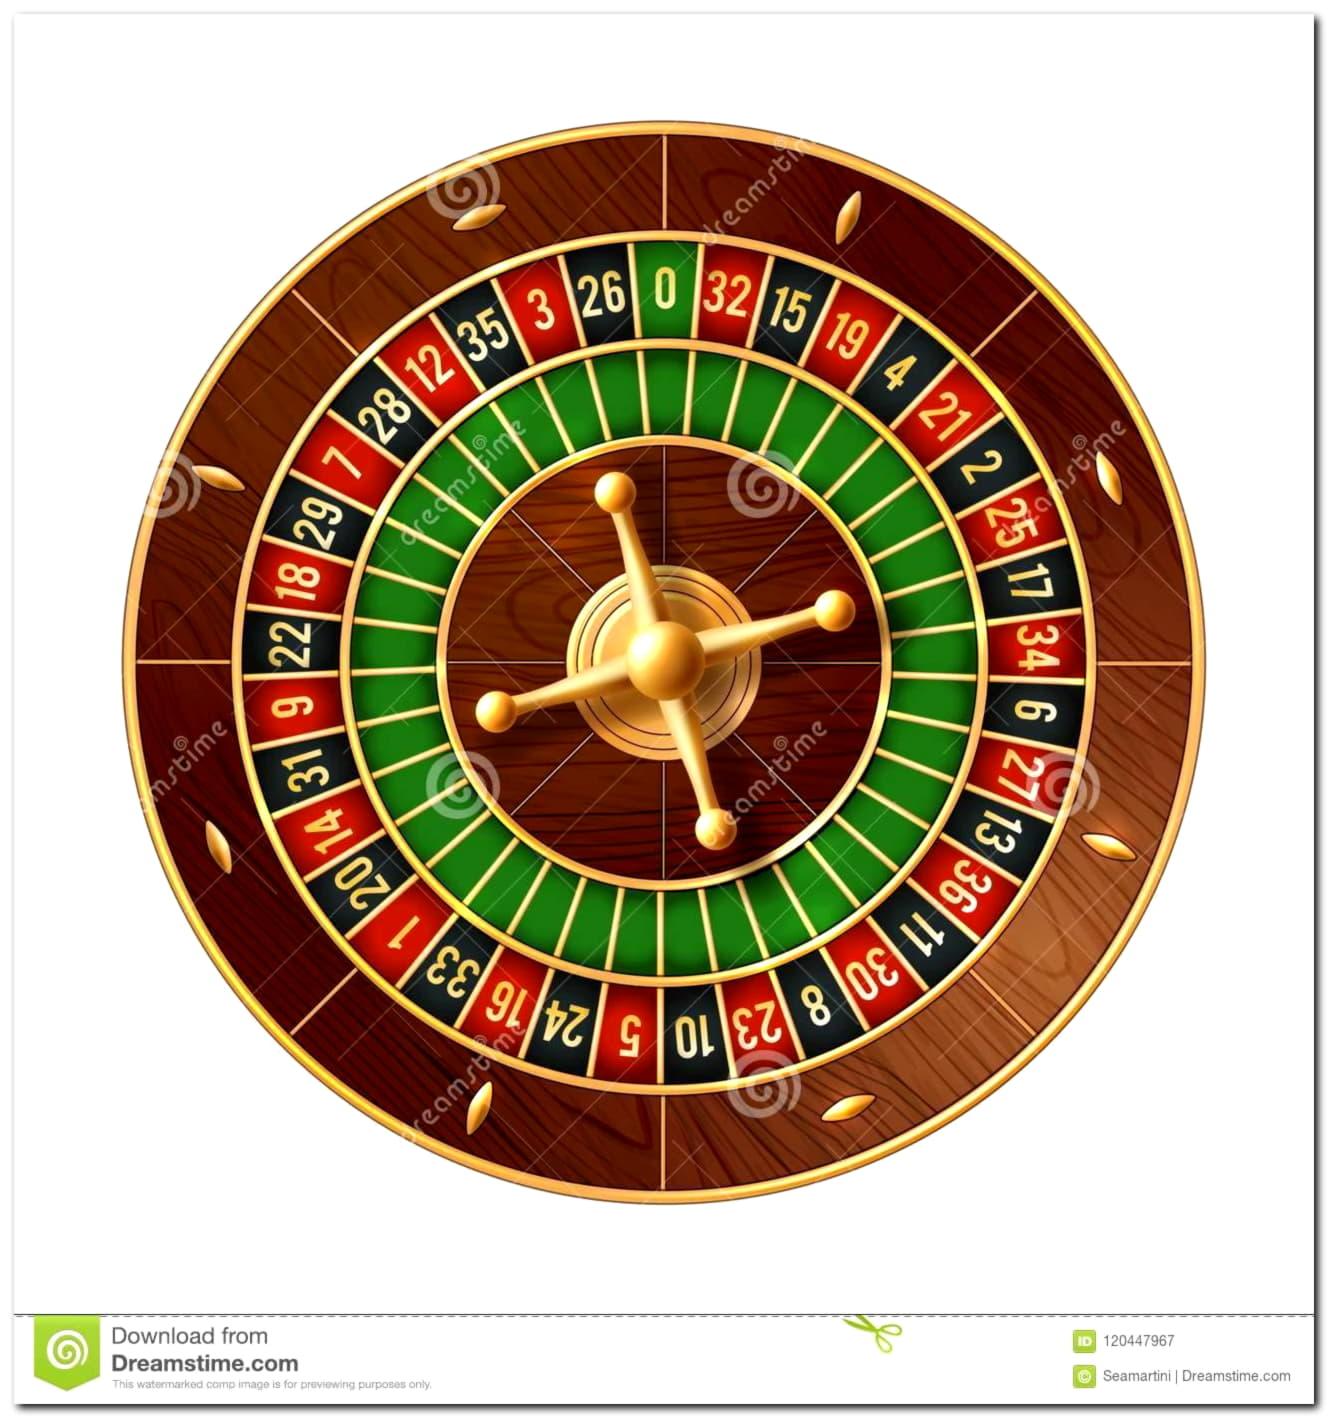 ジャックポットシティカジノで€460入金ボーナスコードなし